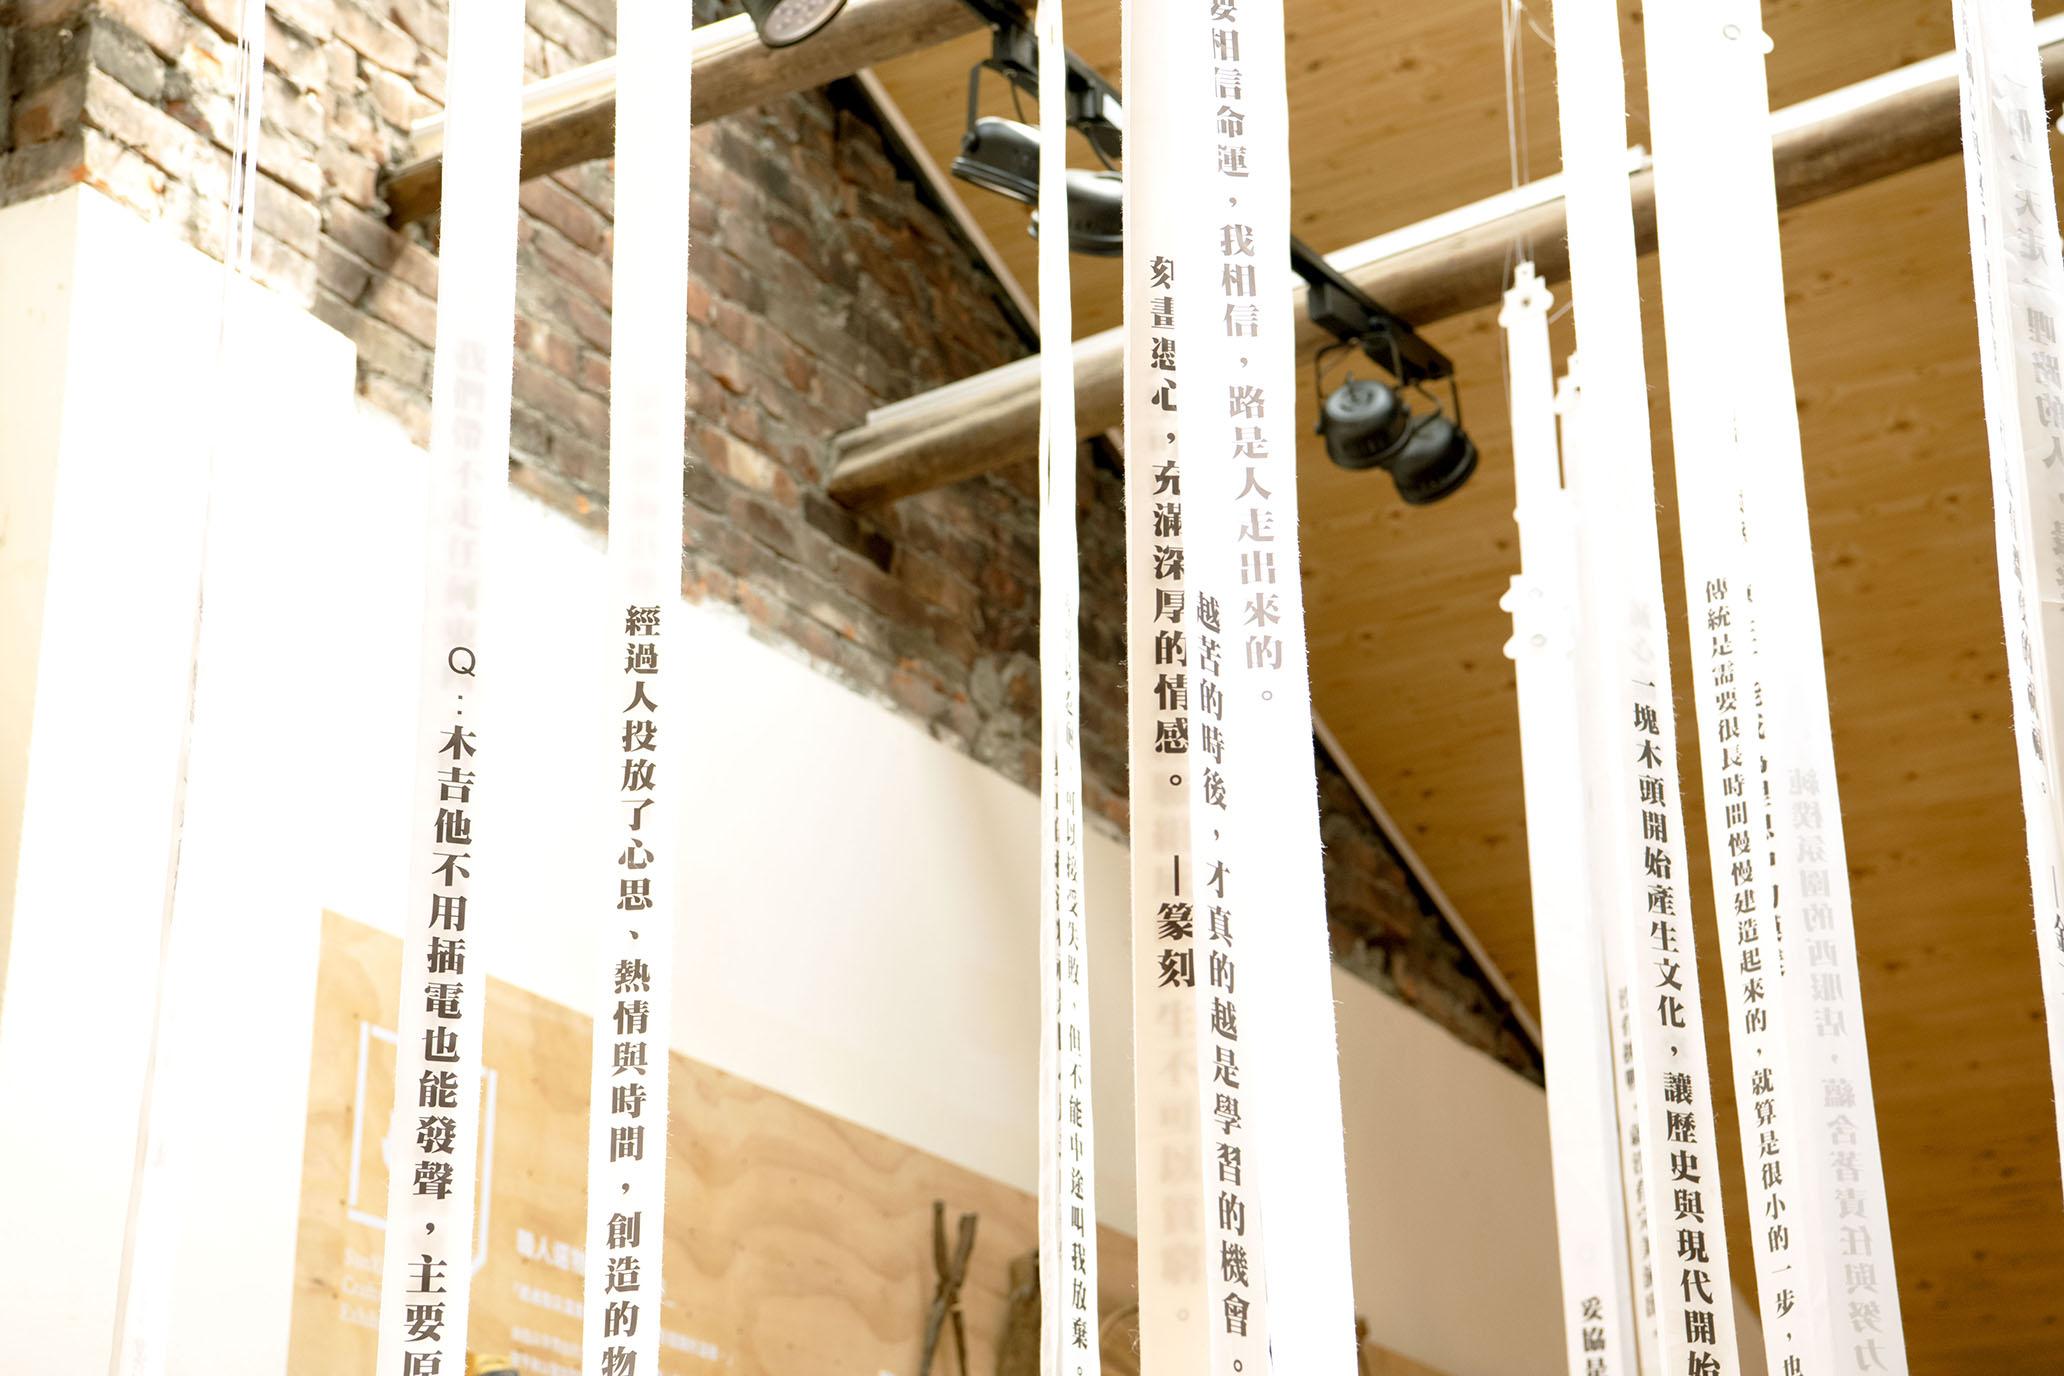 午後三峽,在老醫院裡吃碗豆腐冰|禾乃川國產豆製所